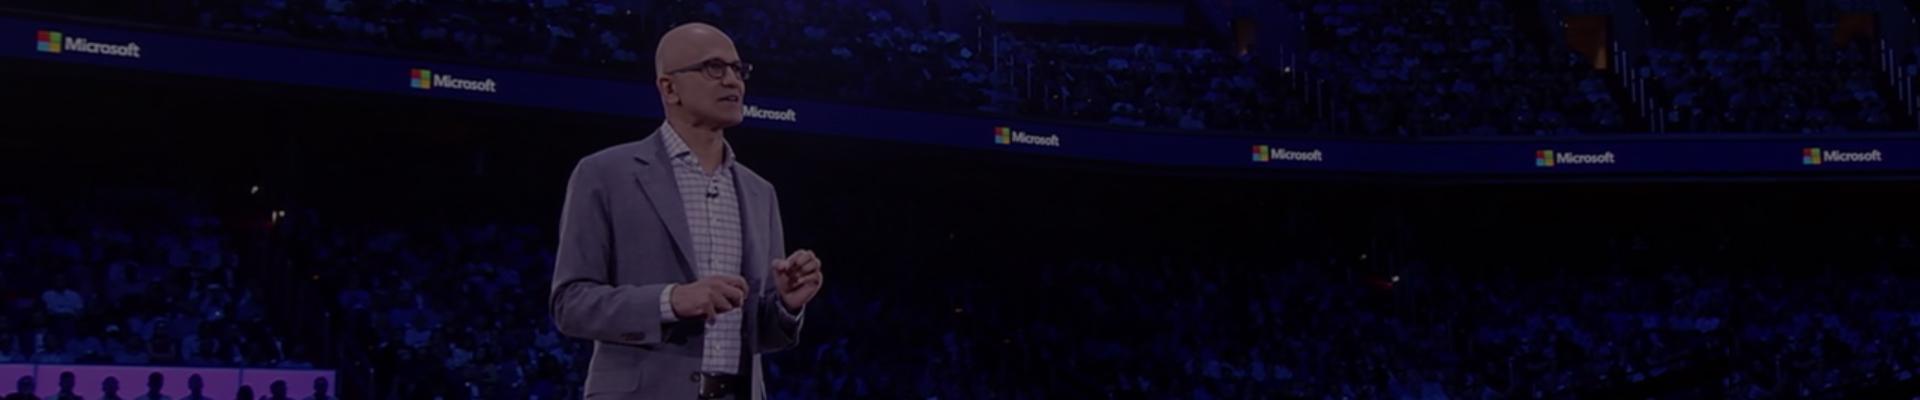 Ver el anuncio de Satya de Microsoft 365